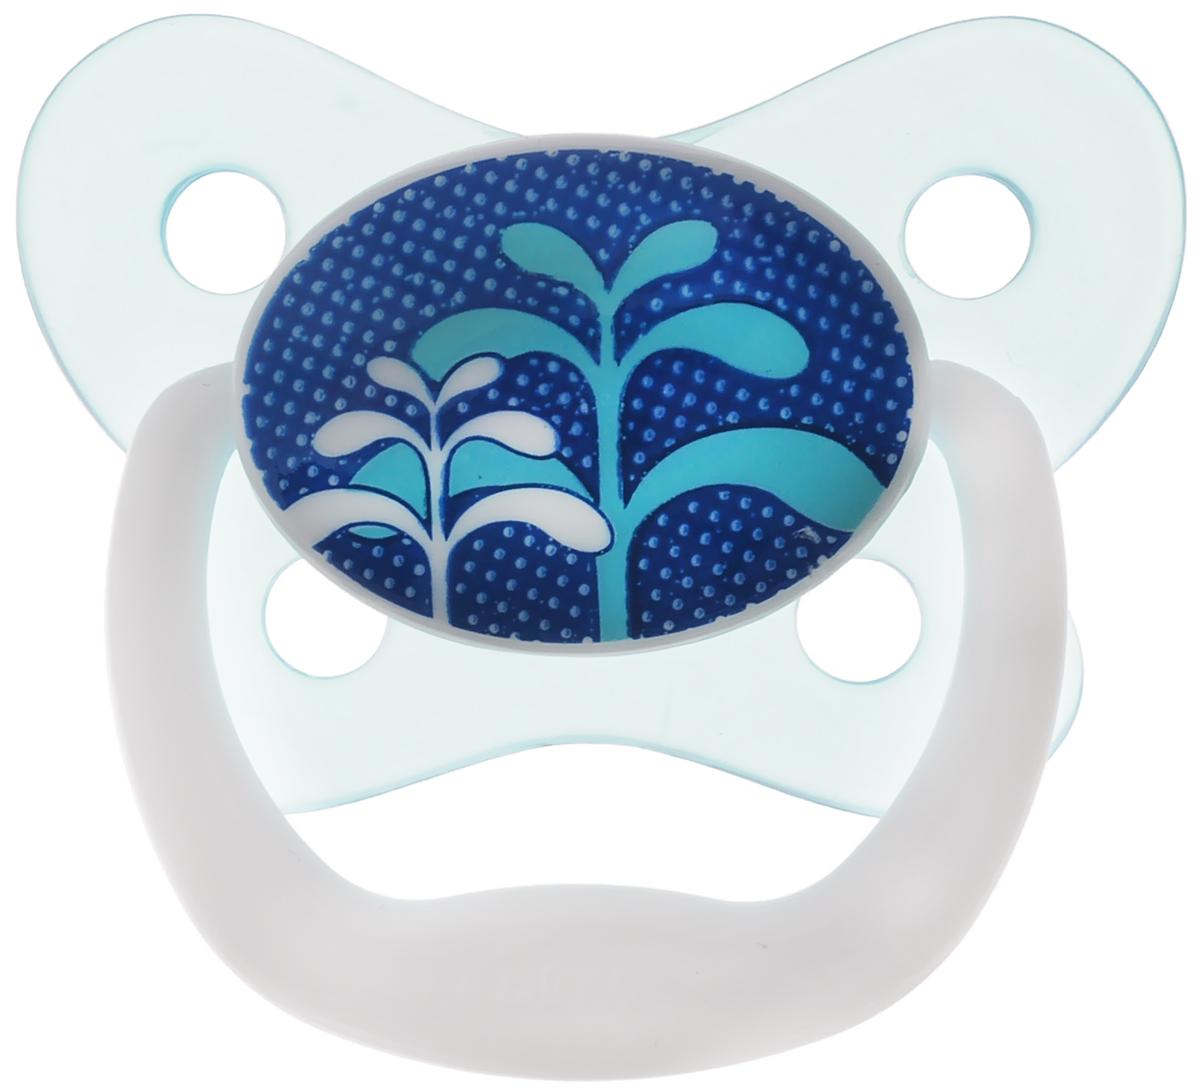 Dr.Browns Пустышка PreVent Бабочка Трава от 0 до 6 месяцевPV11404_бирюзовый/траваПустышка Dr.Browns PreVent Бабочка. Трава предназначена для новорожденных малышей от 0 до 6 месяцев. Пустышка удовлетворяет естественный сосательный рефлекс и тренирует мышцы губ, языка и челюсти, что играет важную роль в развитии речевых навыков и навыков приема пищи. Мягкая пустышка выполнена из прозрачного гигиеничного силикона, не имеющего вкуса и запаха. Имеет воздушный канал, который впускает воздух, благодаря чему пустышка остается мягкой и гибкой, что минимизирует риск неправильного расположения зубов. Снабжена вентиляционной системой. Пустышка с защелкивающимся колпачком. Не содержит Бисфенол-А.